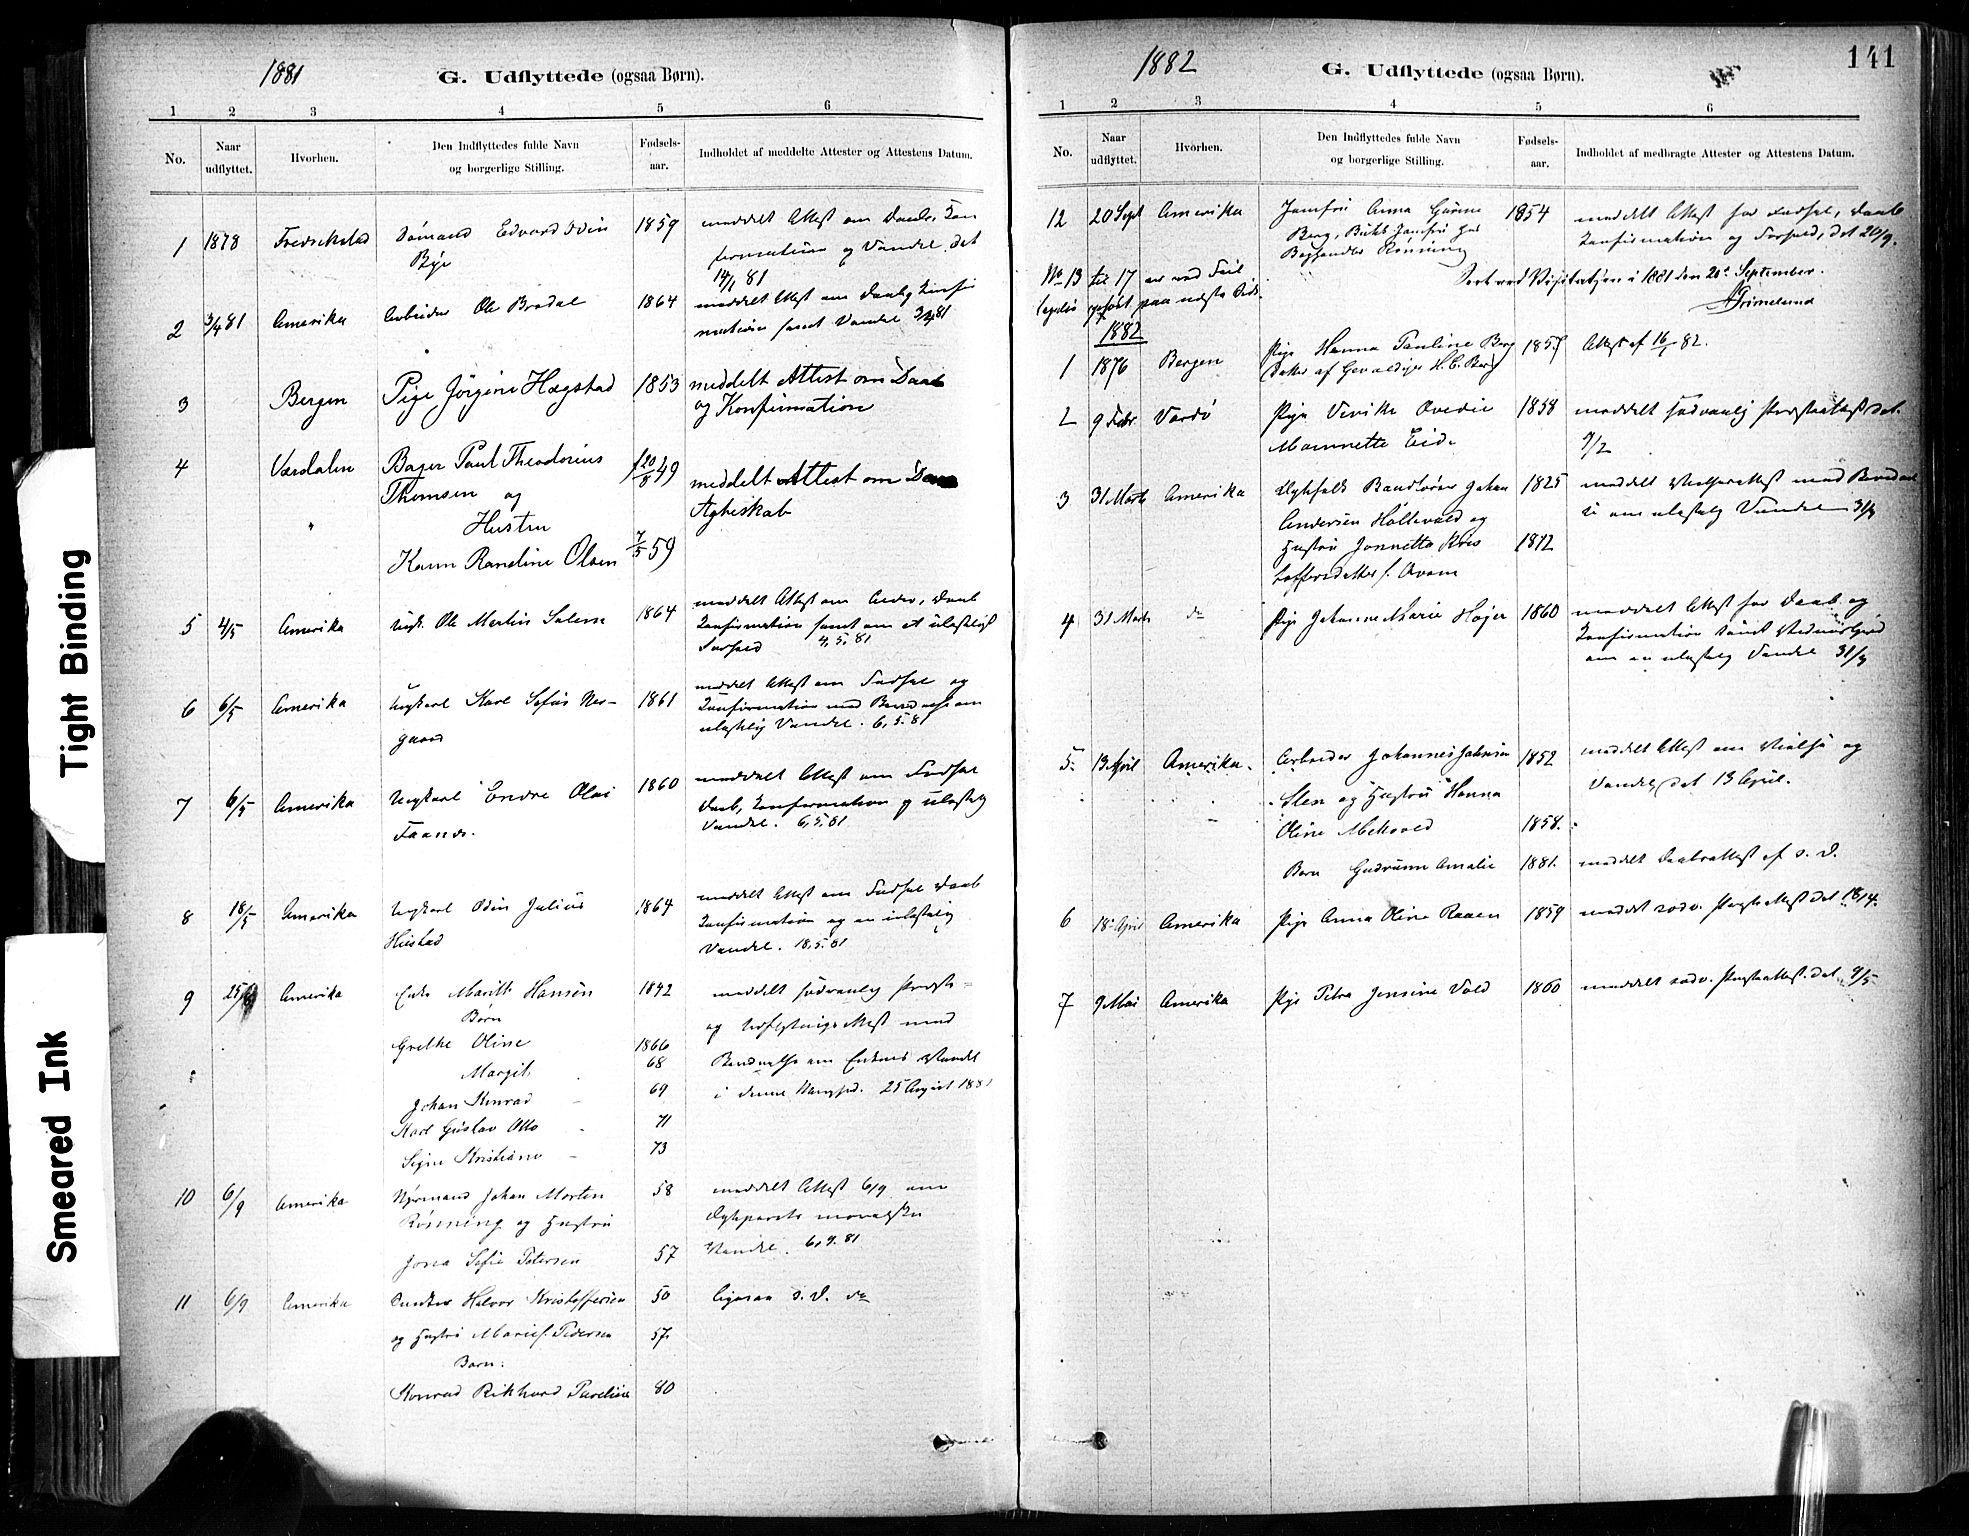 SAT, Ministerialprotokoller, klokkerbøker og fødselsregistre - Sør-Trøndelag, 602/L0120: Ministerialbok nr. 602A18, 1880-1913, s. 141